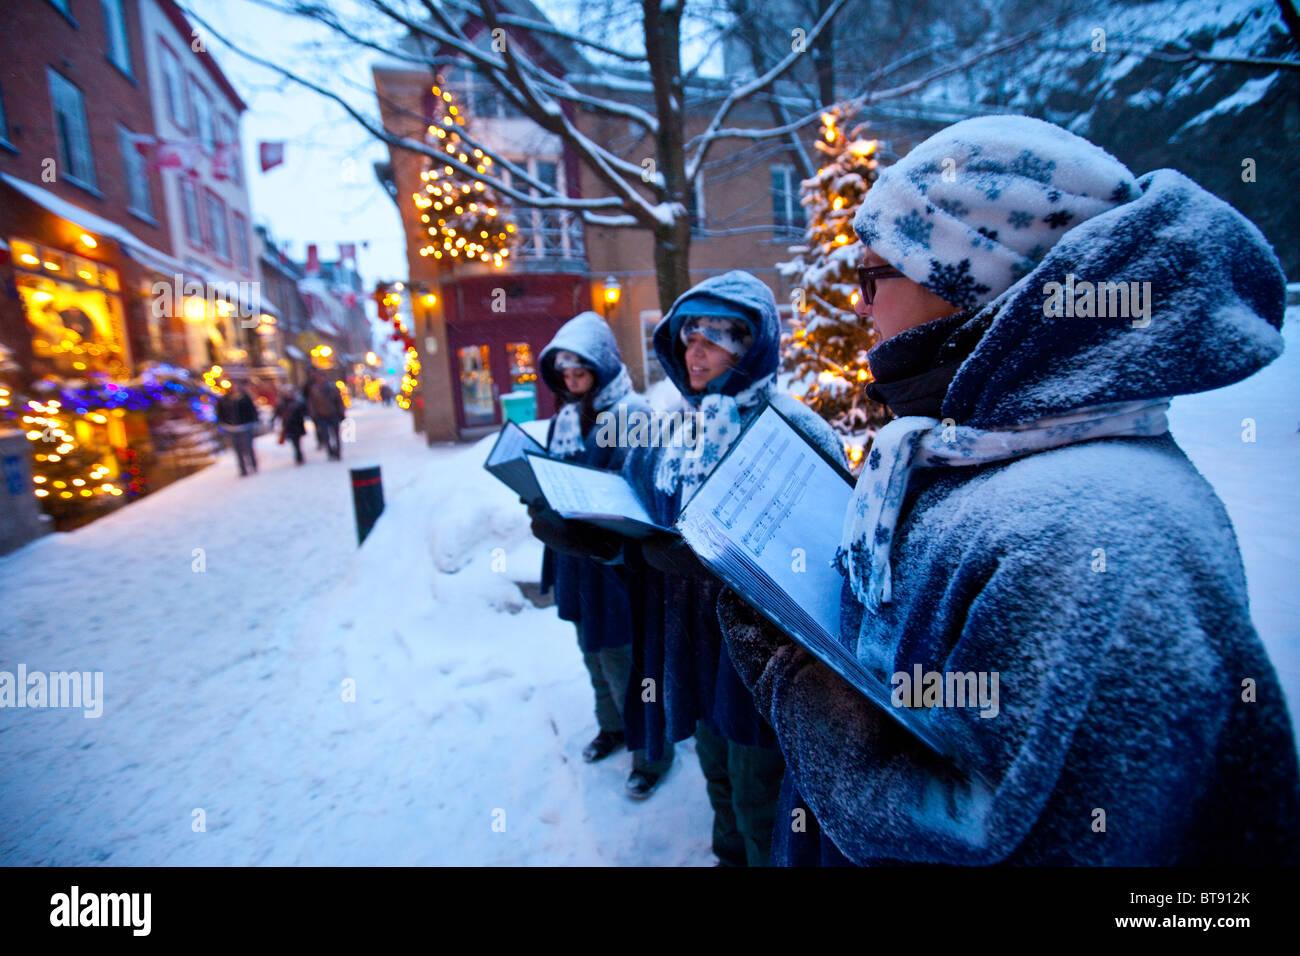 Christmas Caroling Snow Stock Photos & Christmas Caroling Snow Stock ...